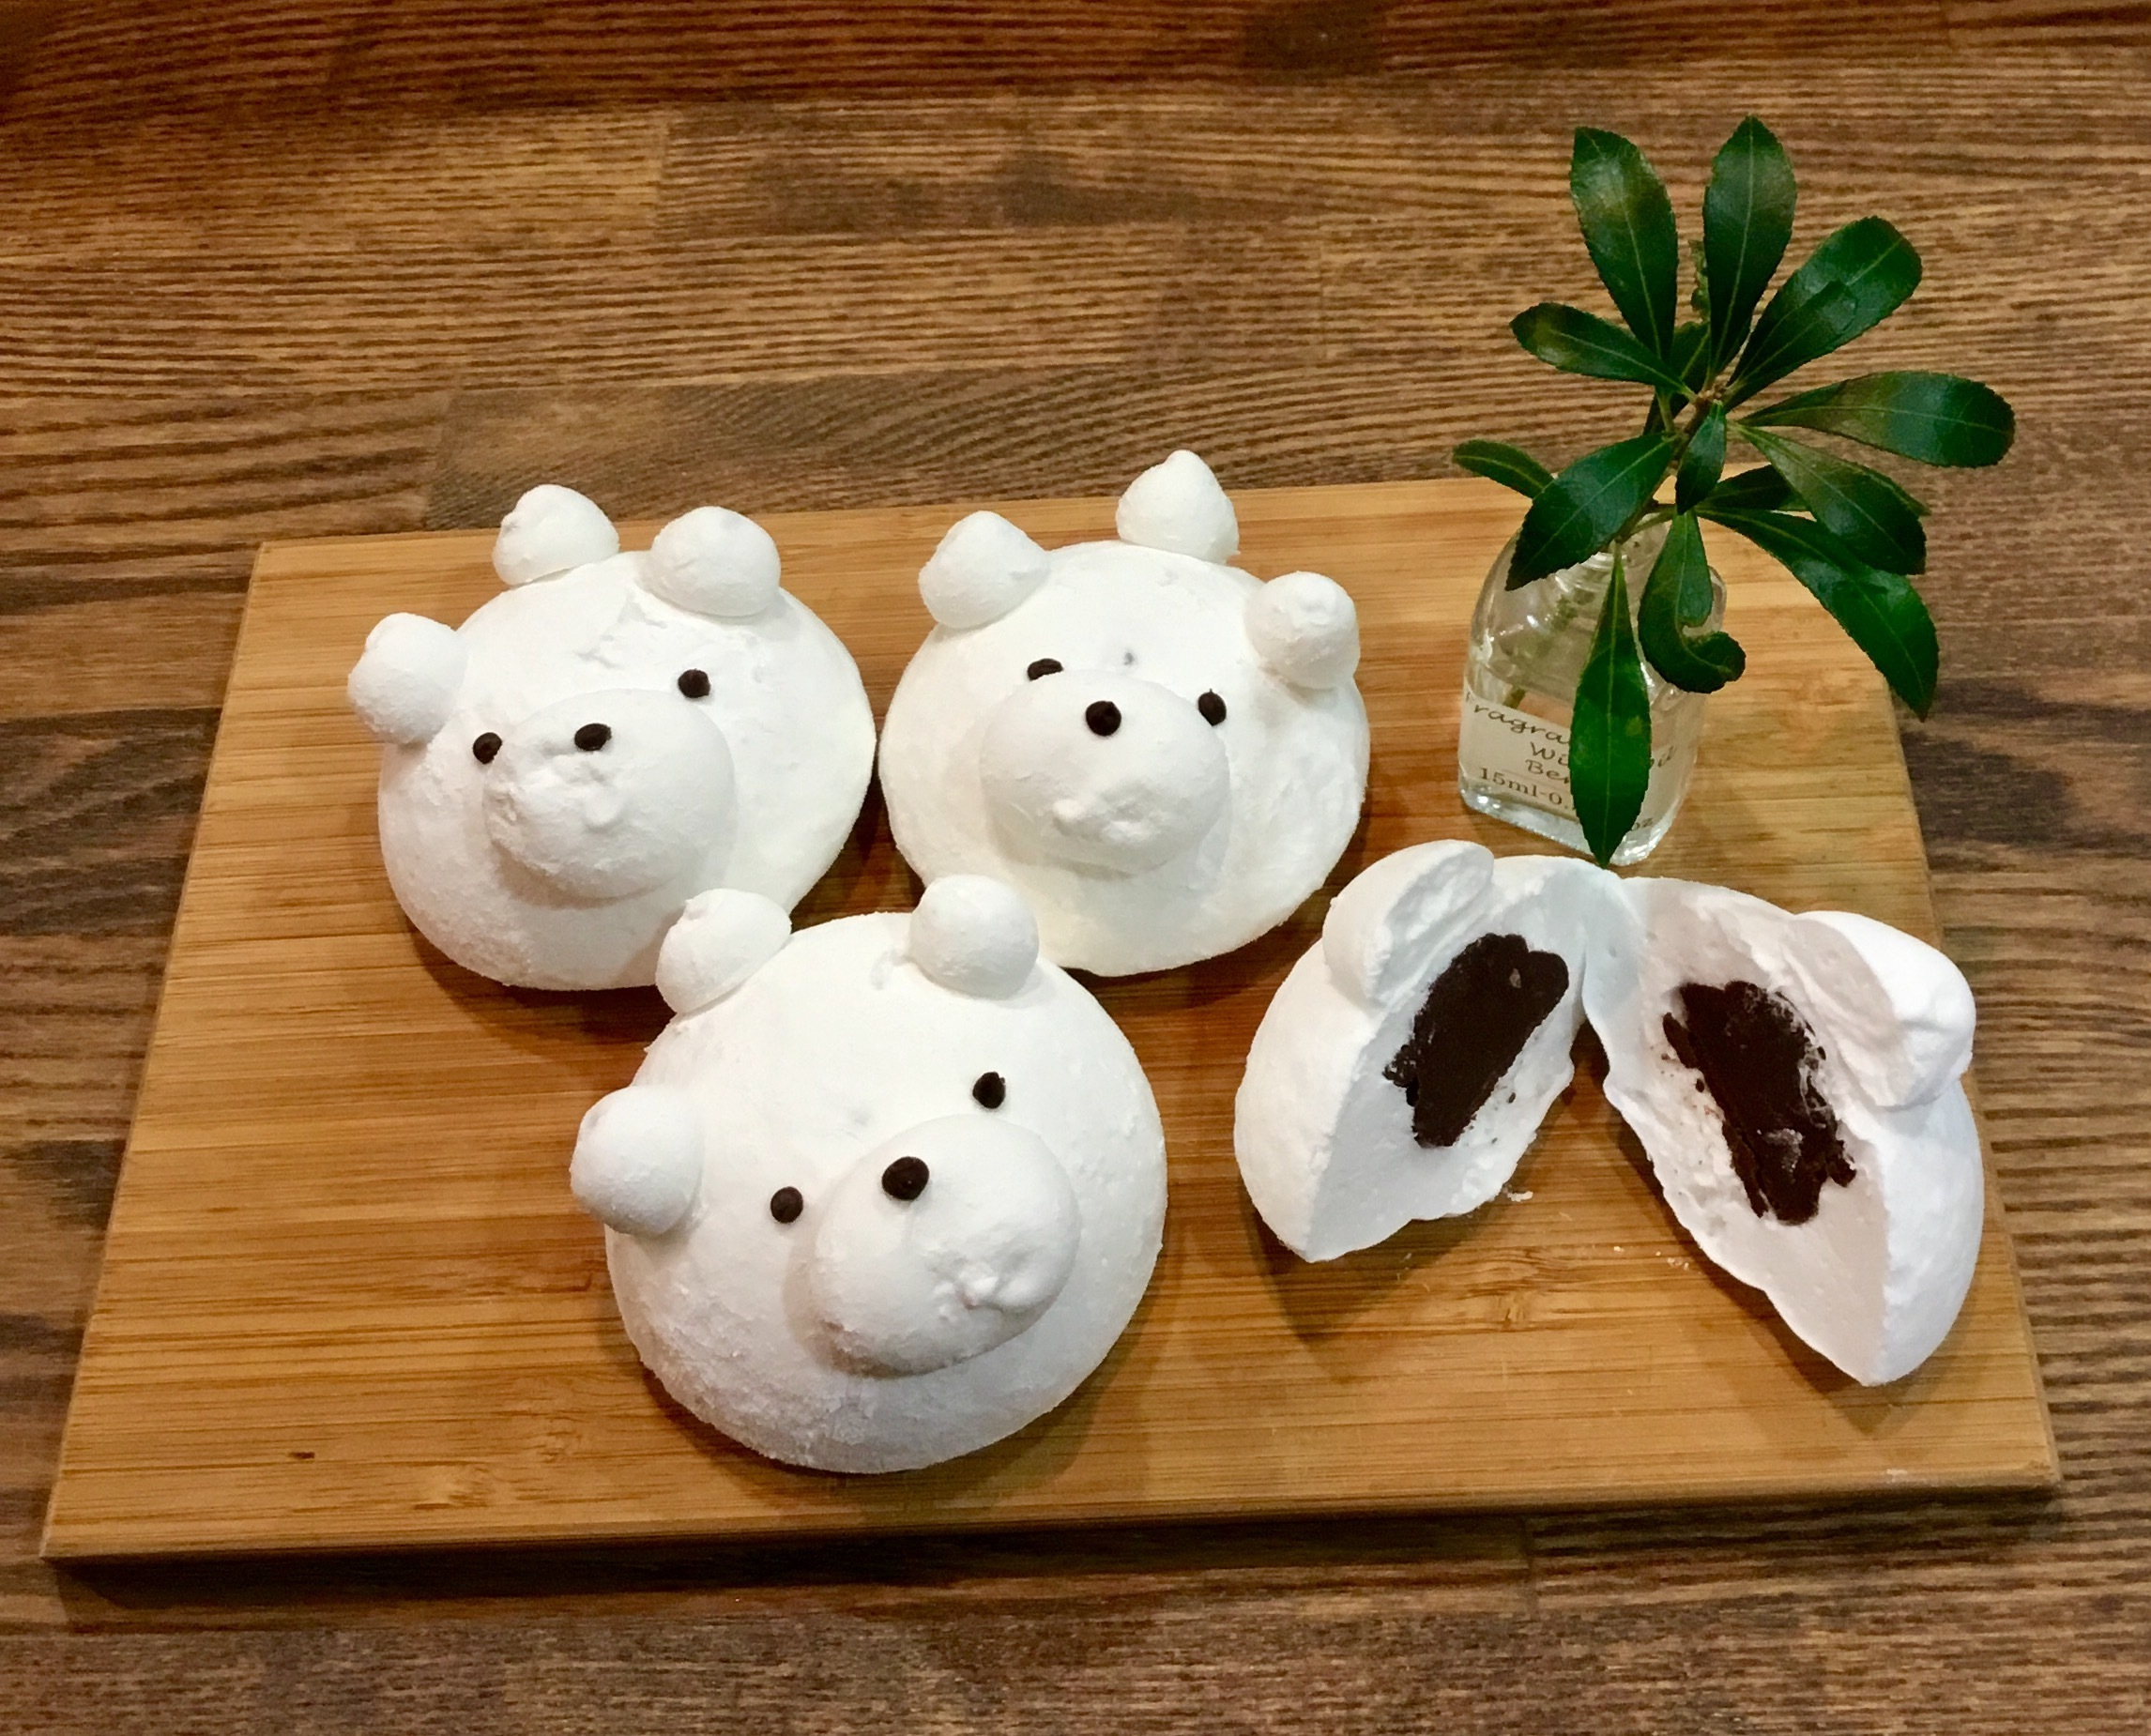 ほんのりバニラ香るマシュマロ生地にチョコレートのガナッシュを入れた白クマのマシュマロ♡(バレンタインデー&ホワイトデー限定)